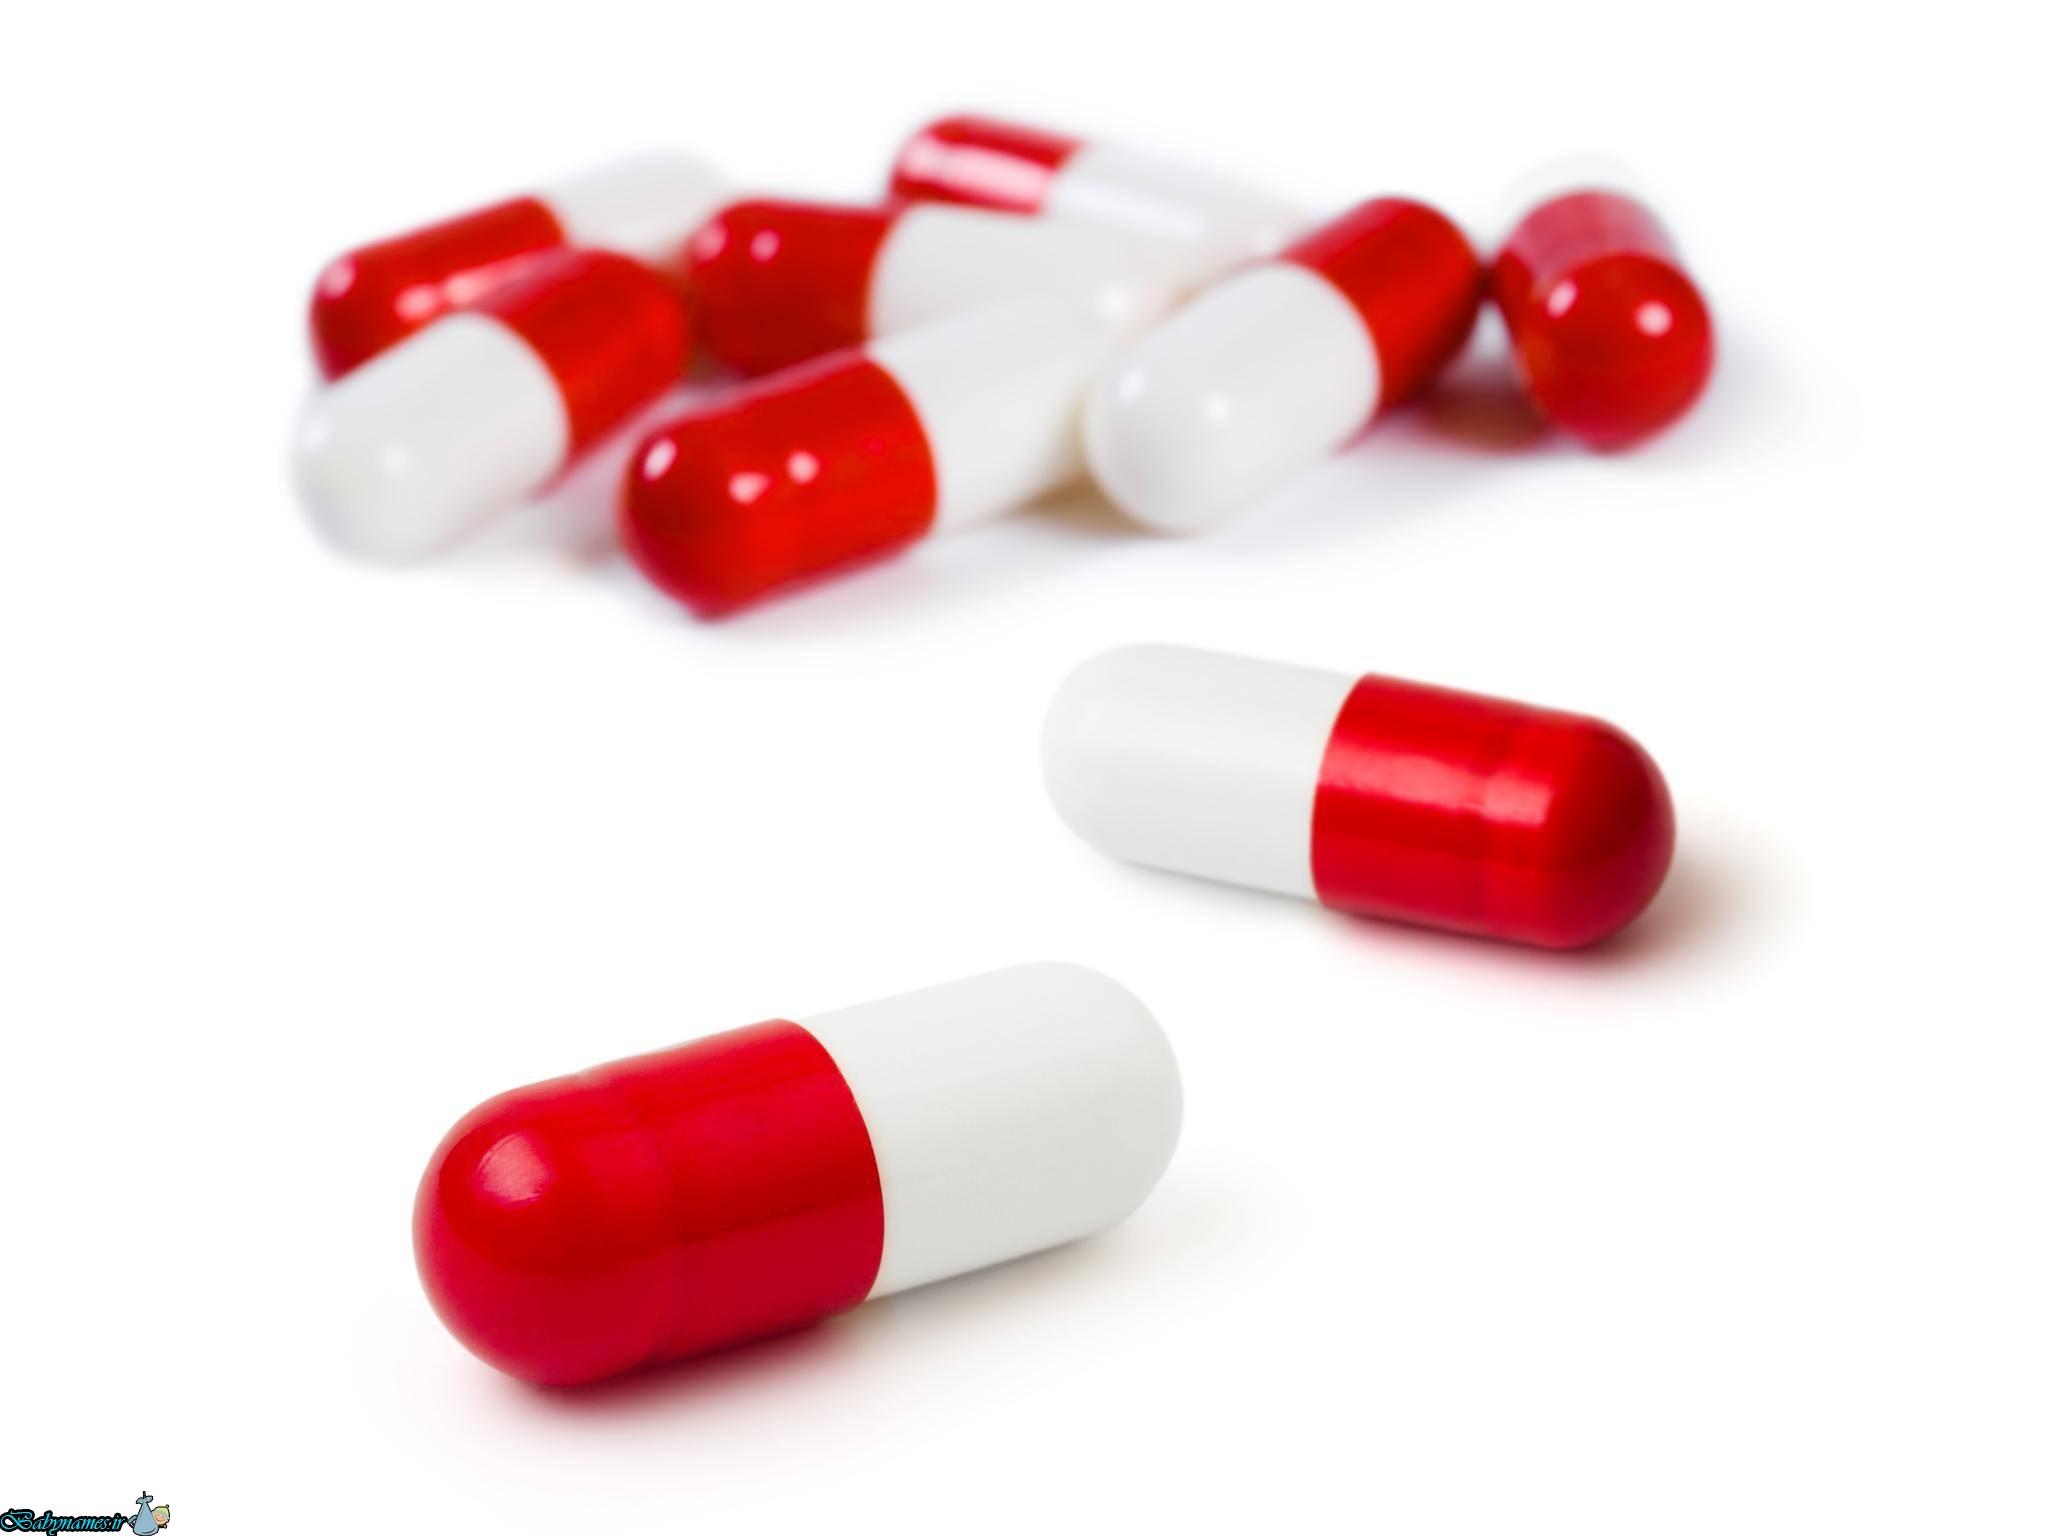 موارد استفاده و عوارض قرص مدروکسی پروژسترون